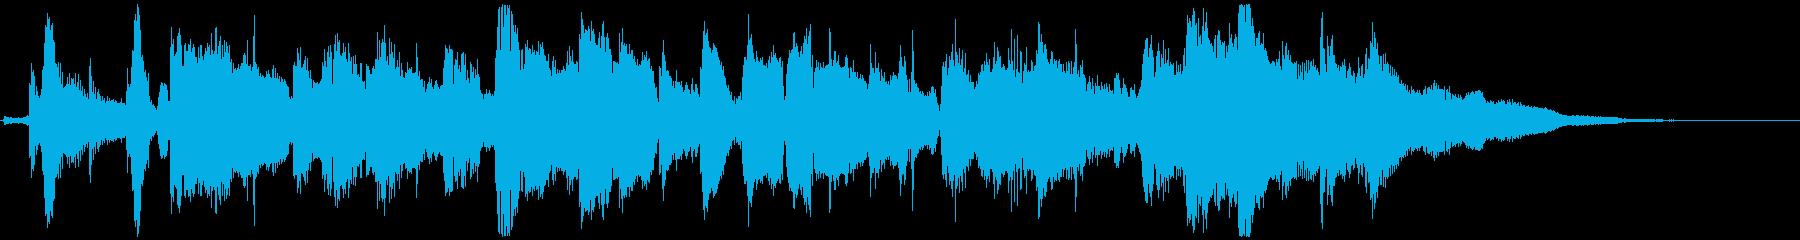 サックス&トランペットの落ち着くジングルの再生済みの波形